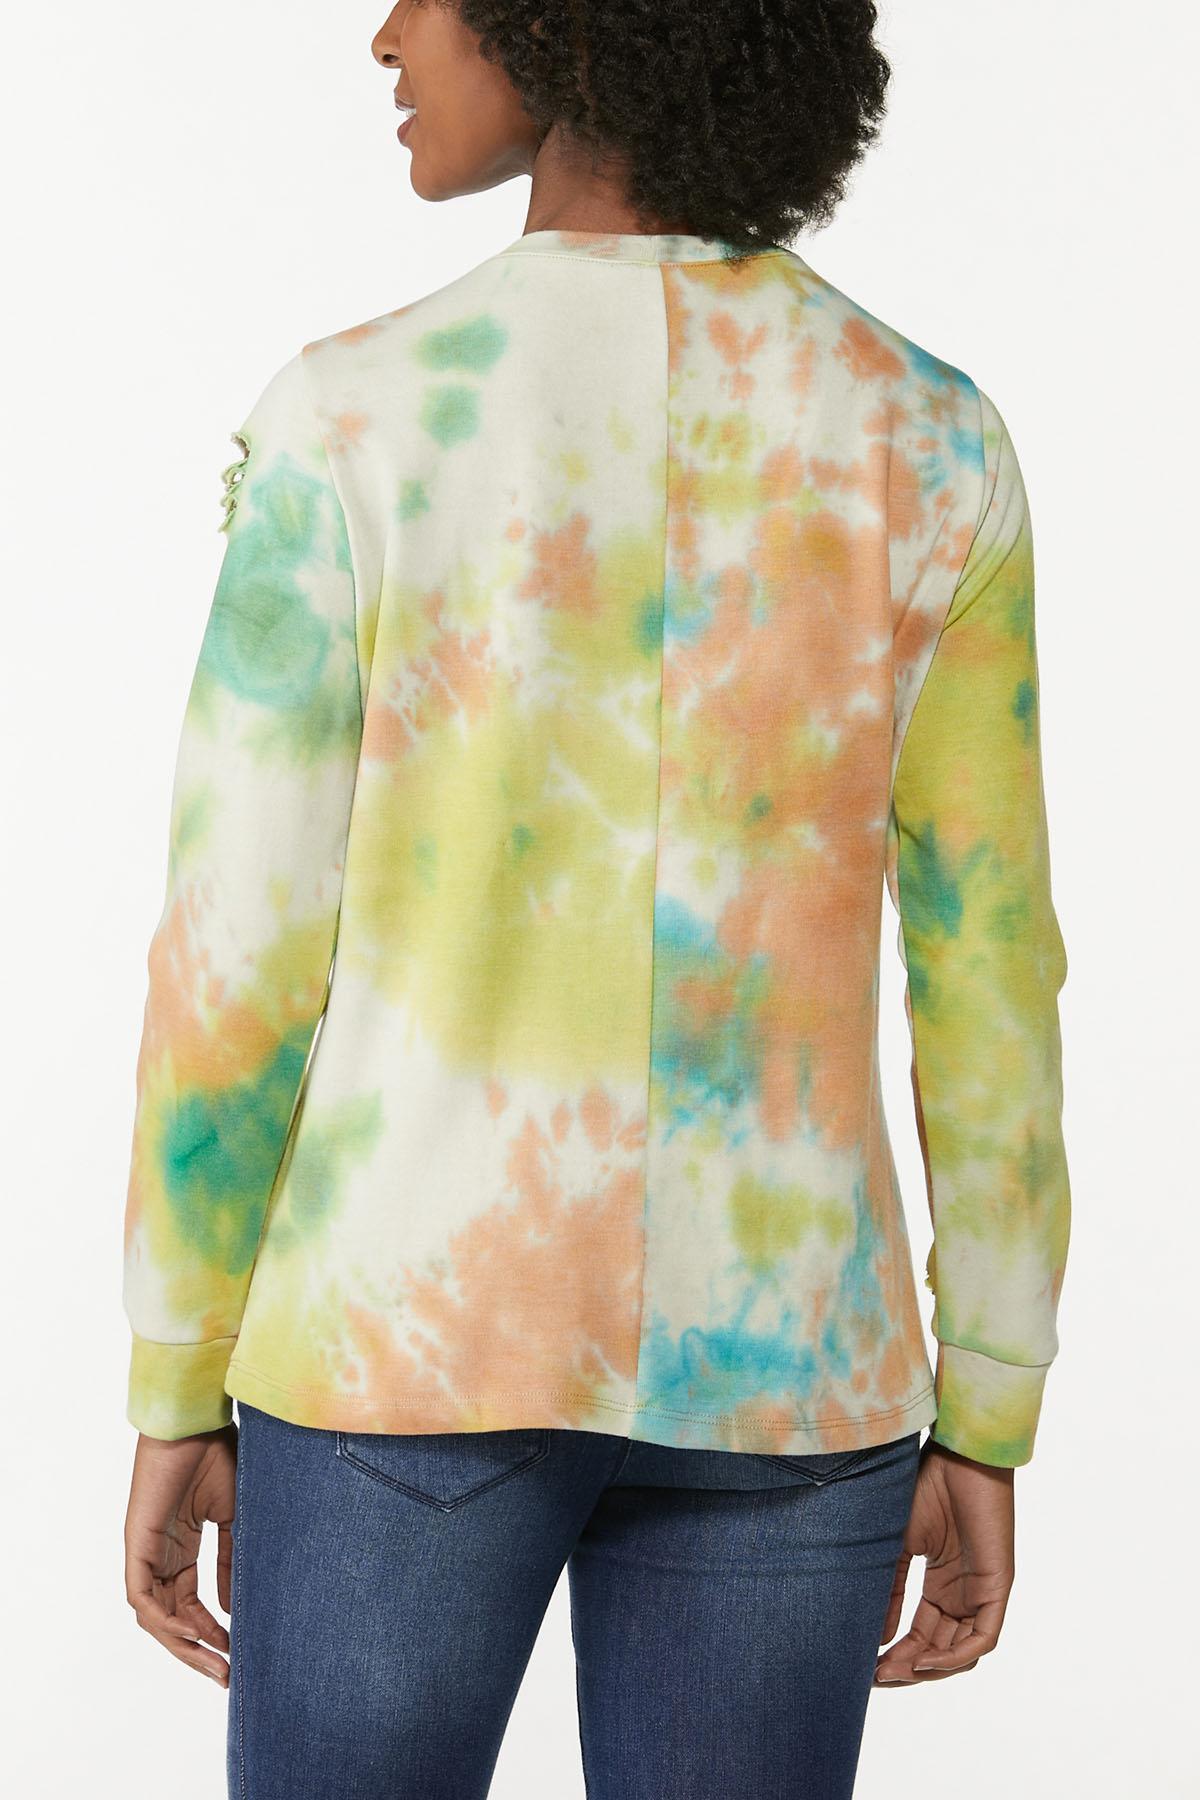 Plus Size Cutout Tie Dye Sweatshirt (Item #44779128)